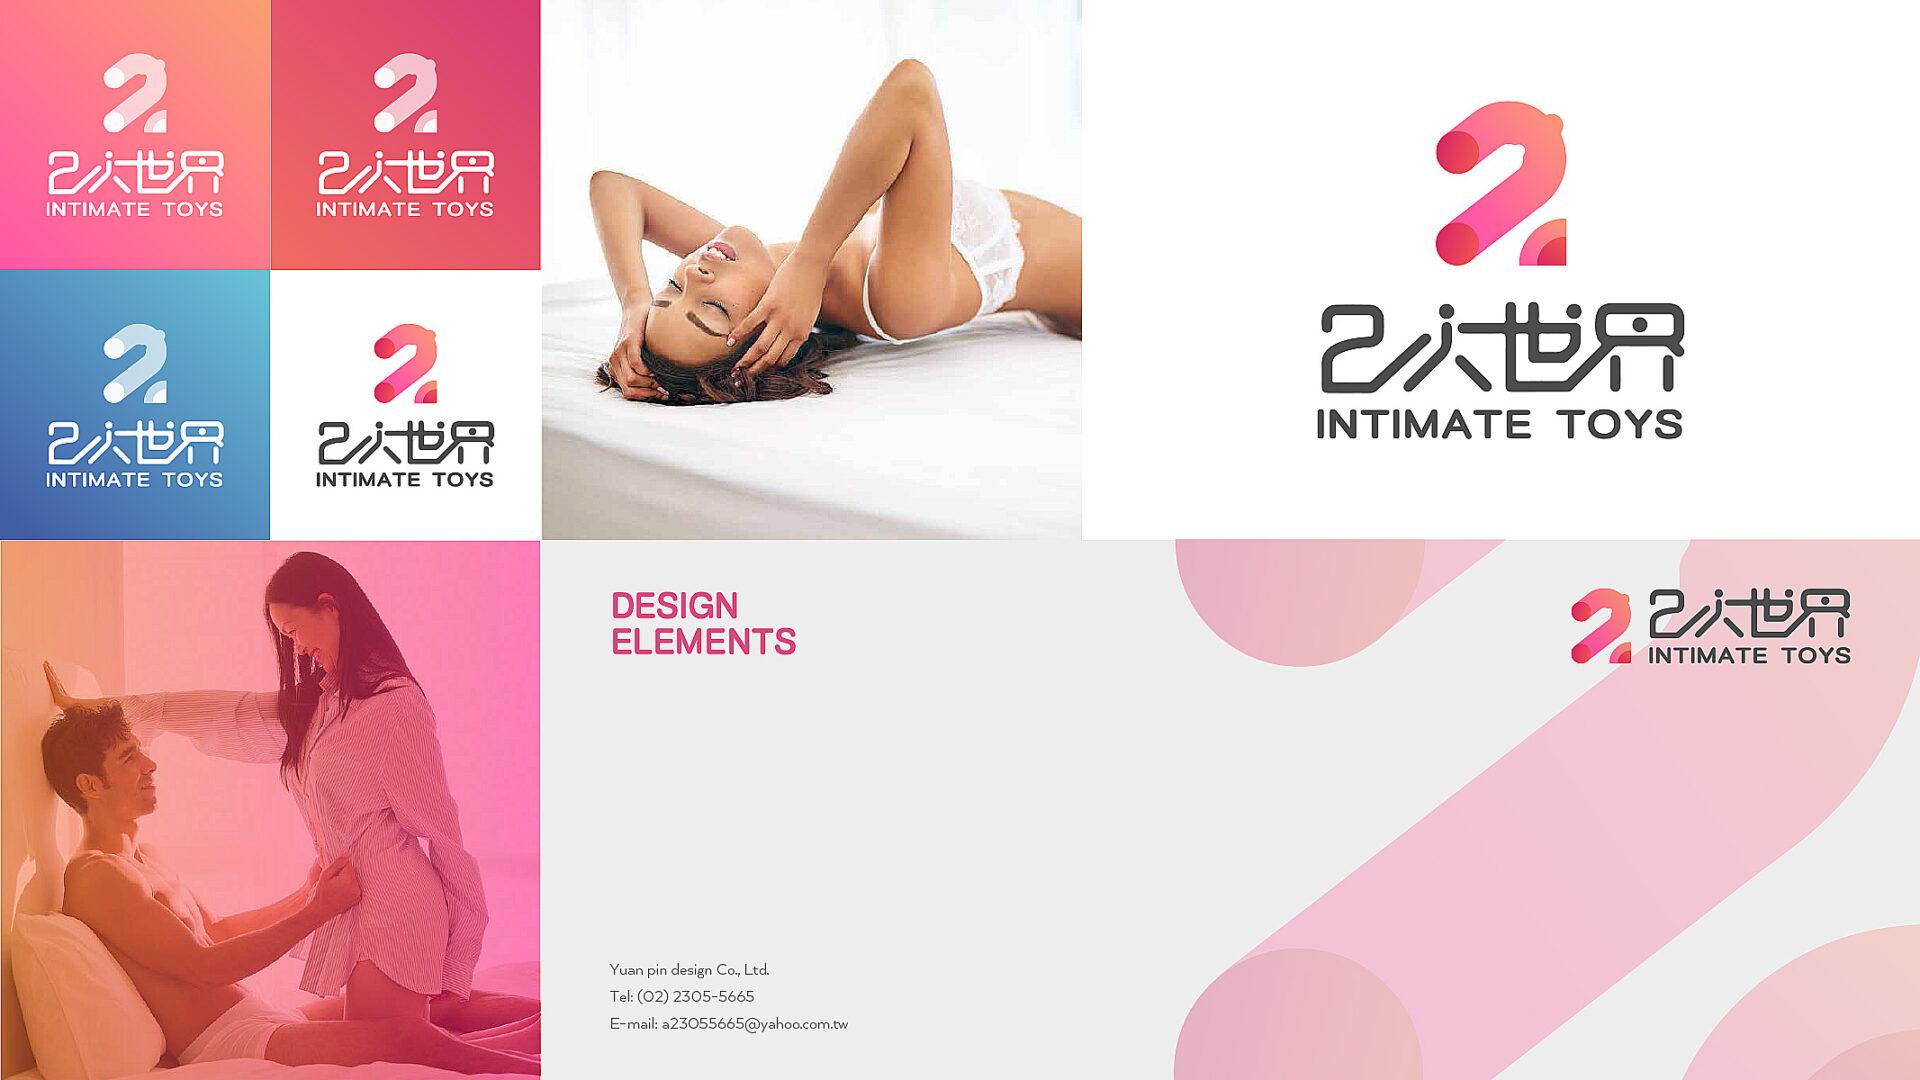 2人世界LOGO-2-品牌設計-品牌設計公司-品牌規劃-品牌設計公司 台北-品牌設計公司推薦-台北品牌設計-品牌設計師-品牌設計理念-品牌設計費用-品牌設計範例-品牌設計圖-品牌設計流程-品牌設計規劃-品牌規劃設計-品牌設計流程-品牌設計app-品牌設計費用-logo設計-logo設計公司--logo設計價格-logo設計範例-logo設計圖片-logo設計範例-logo設計規範-logo設計樣式-logo設計圖-logo設計師-logo設計公司推薦-logo設計圖片-logo設計流程-logo設計意思-logo設計概念-logo設計參考-商標設計-標誌設計